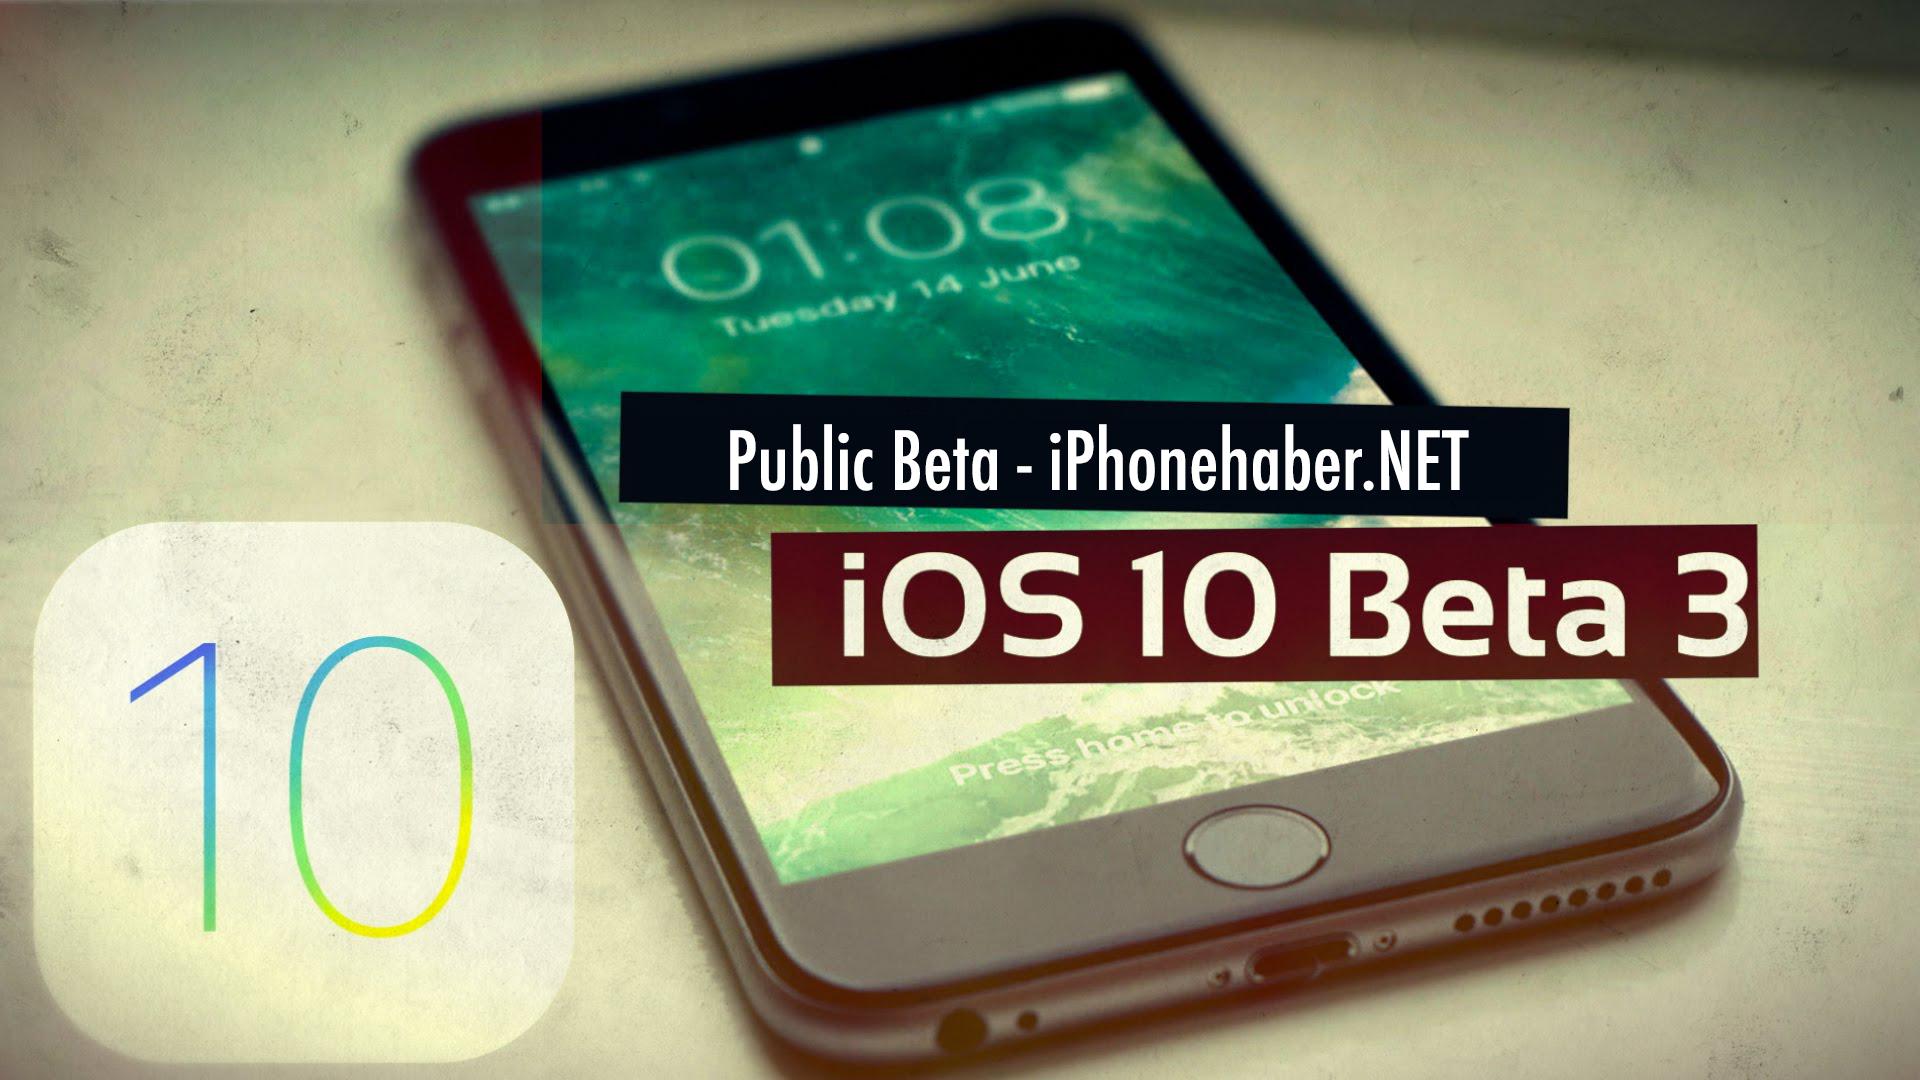 iOS 10 Public Beta 3 Yayınlandı (Halka Açık ) Kurulum Rehberi